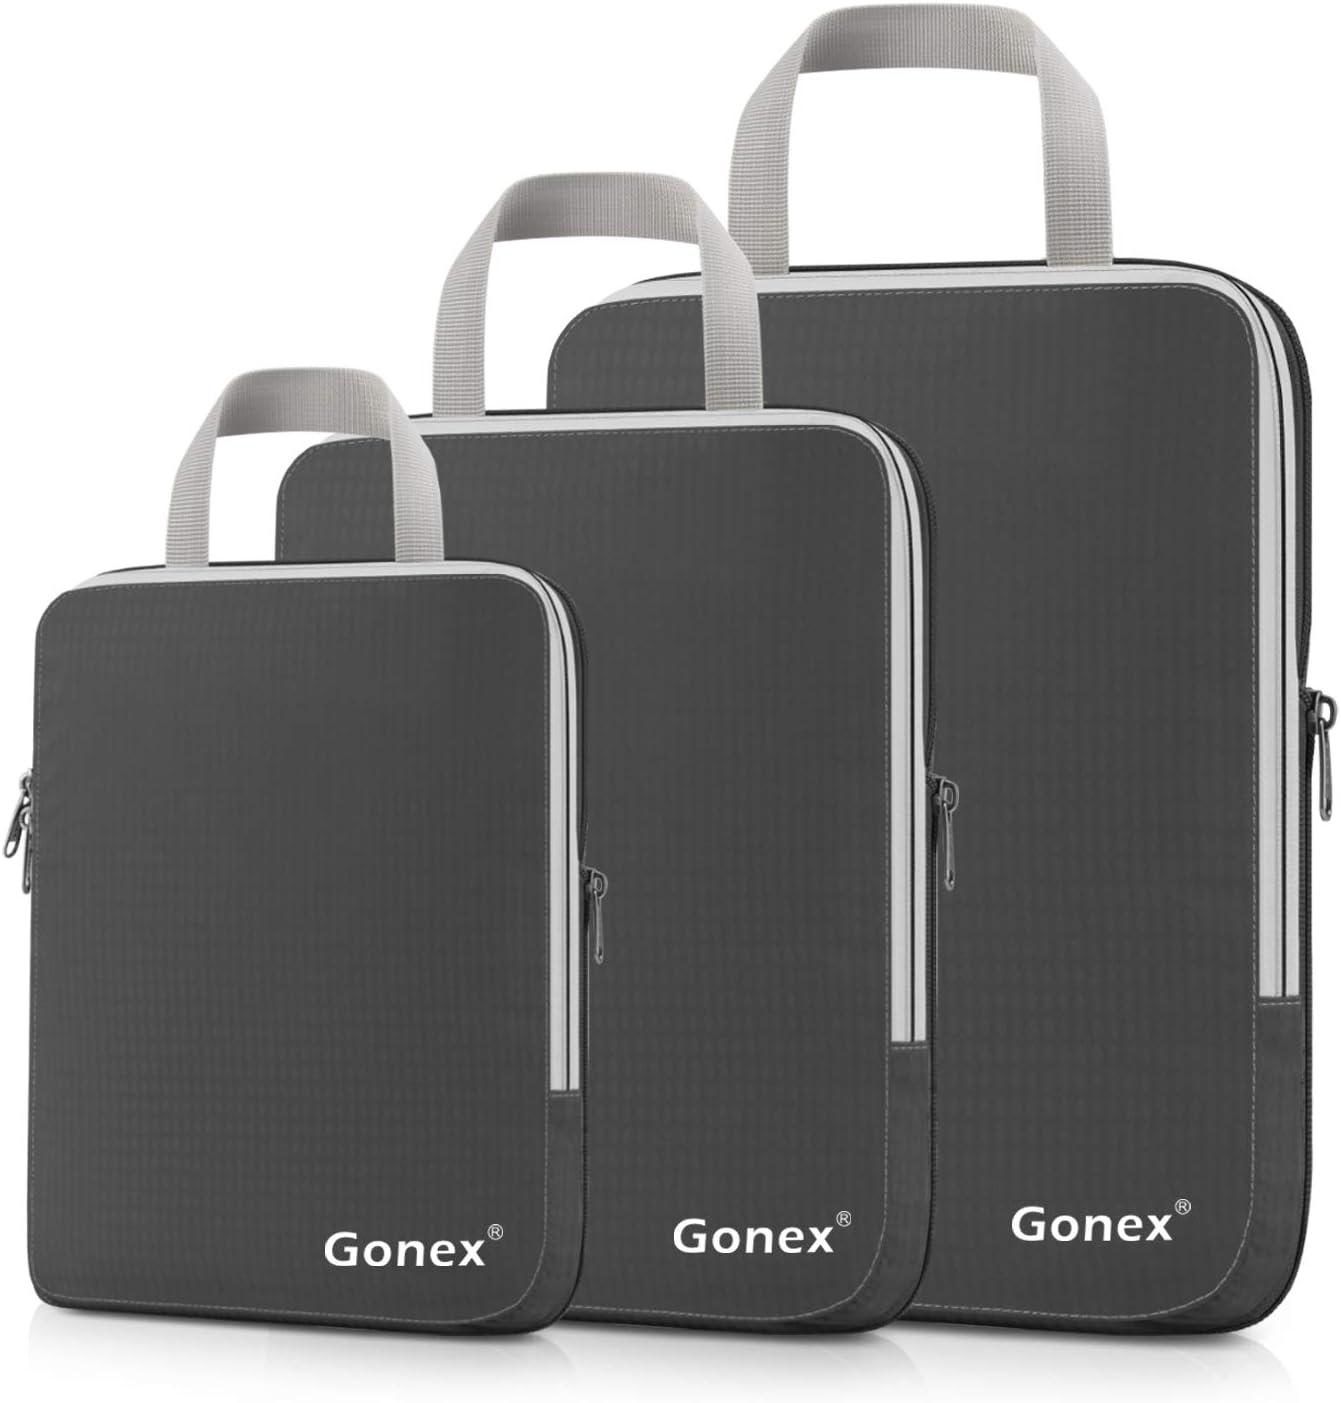 5-teilig gro/ße und gr/ö/ßere Packtasche kleine mittelgro/ße schwarz je 1 Beutel Gonex Kleidertaschen-Set